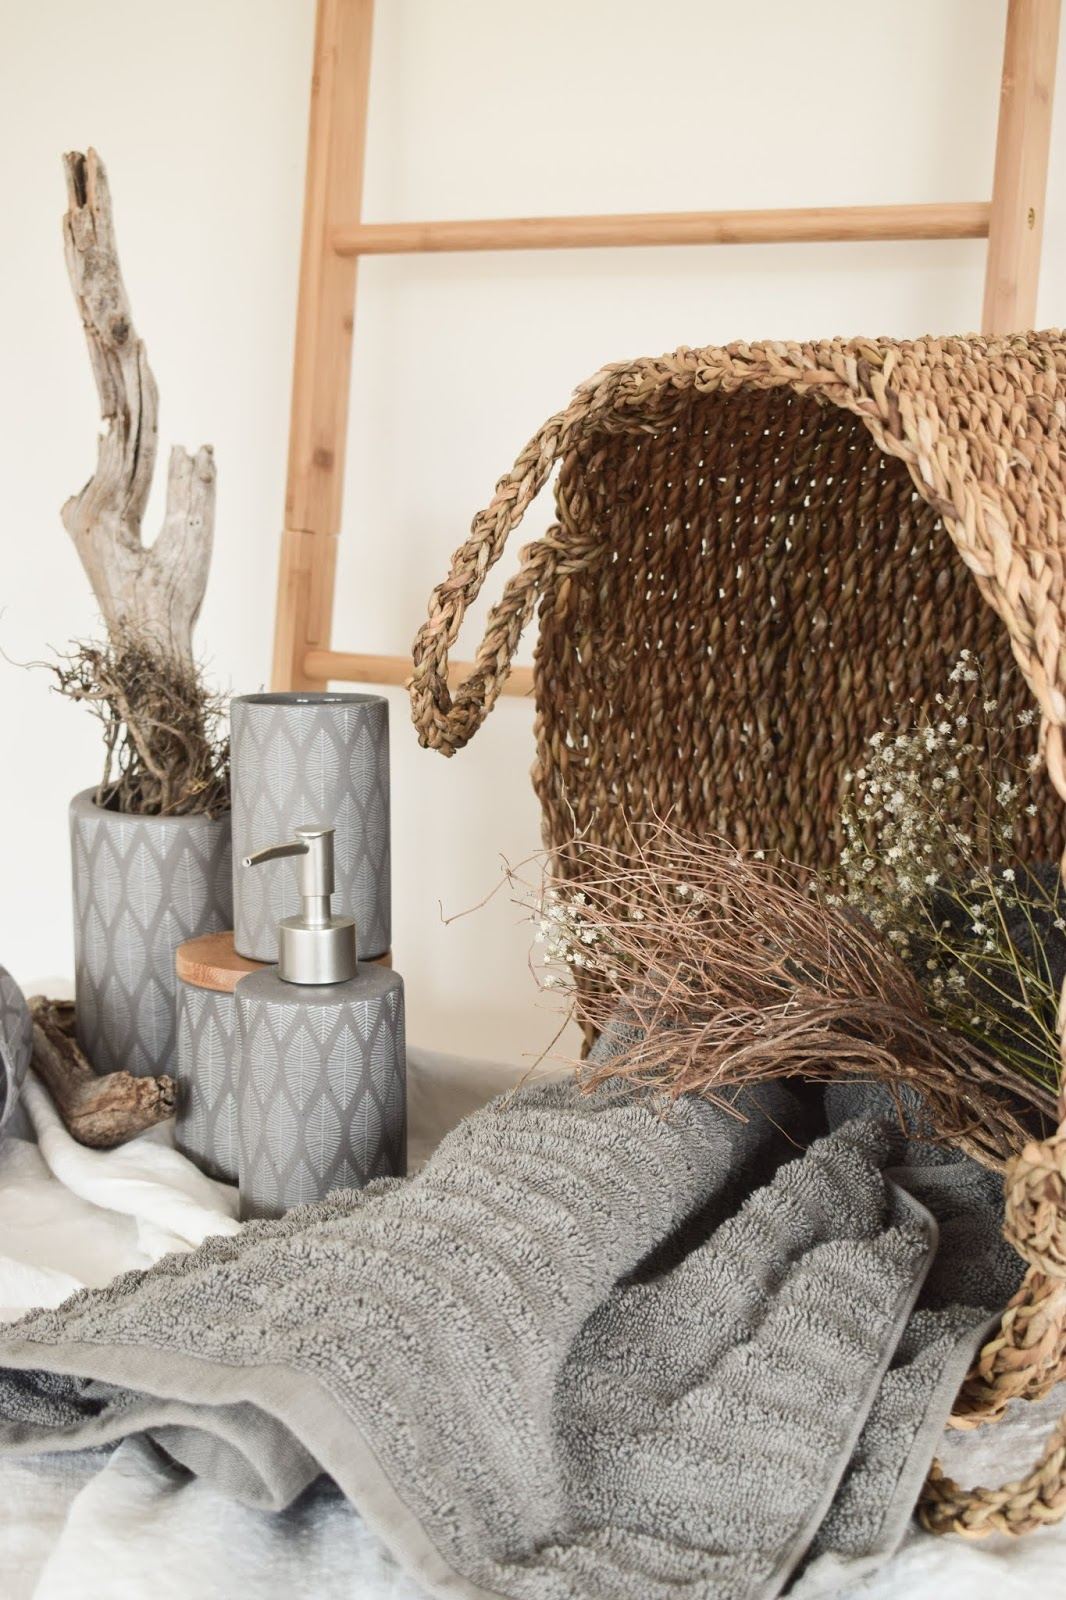 Badezimmer Ideen Aufbewahrung Kosmetika Seifen Ordnungssystem Ordnung Bad natuerlich nachhaltige Deko Dekoidee mit WENKO Aufbewahurngsdose Tupian Bambus